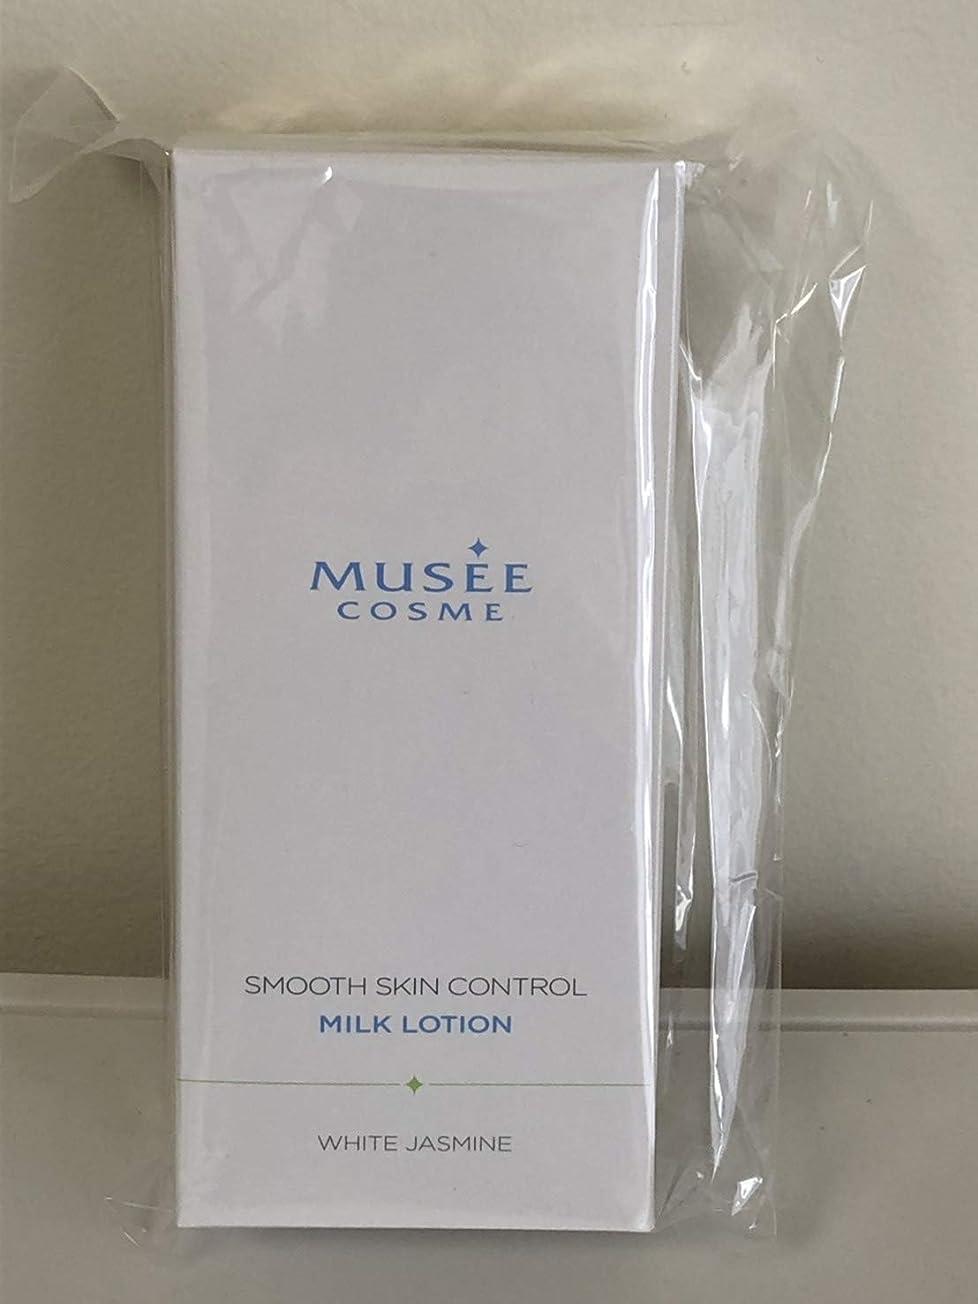 泥肉腫吹雪ミュゼコスメ 薬用スムーススキンコントロール ミルクローション 300mL ホワイトジャスミンの香り